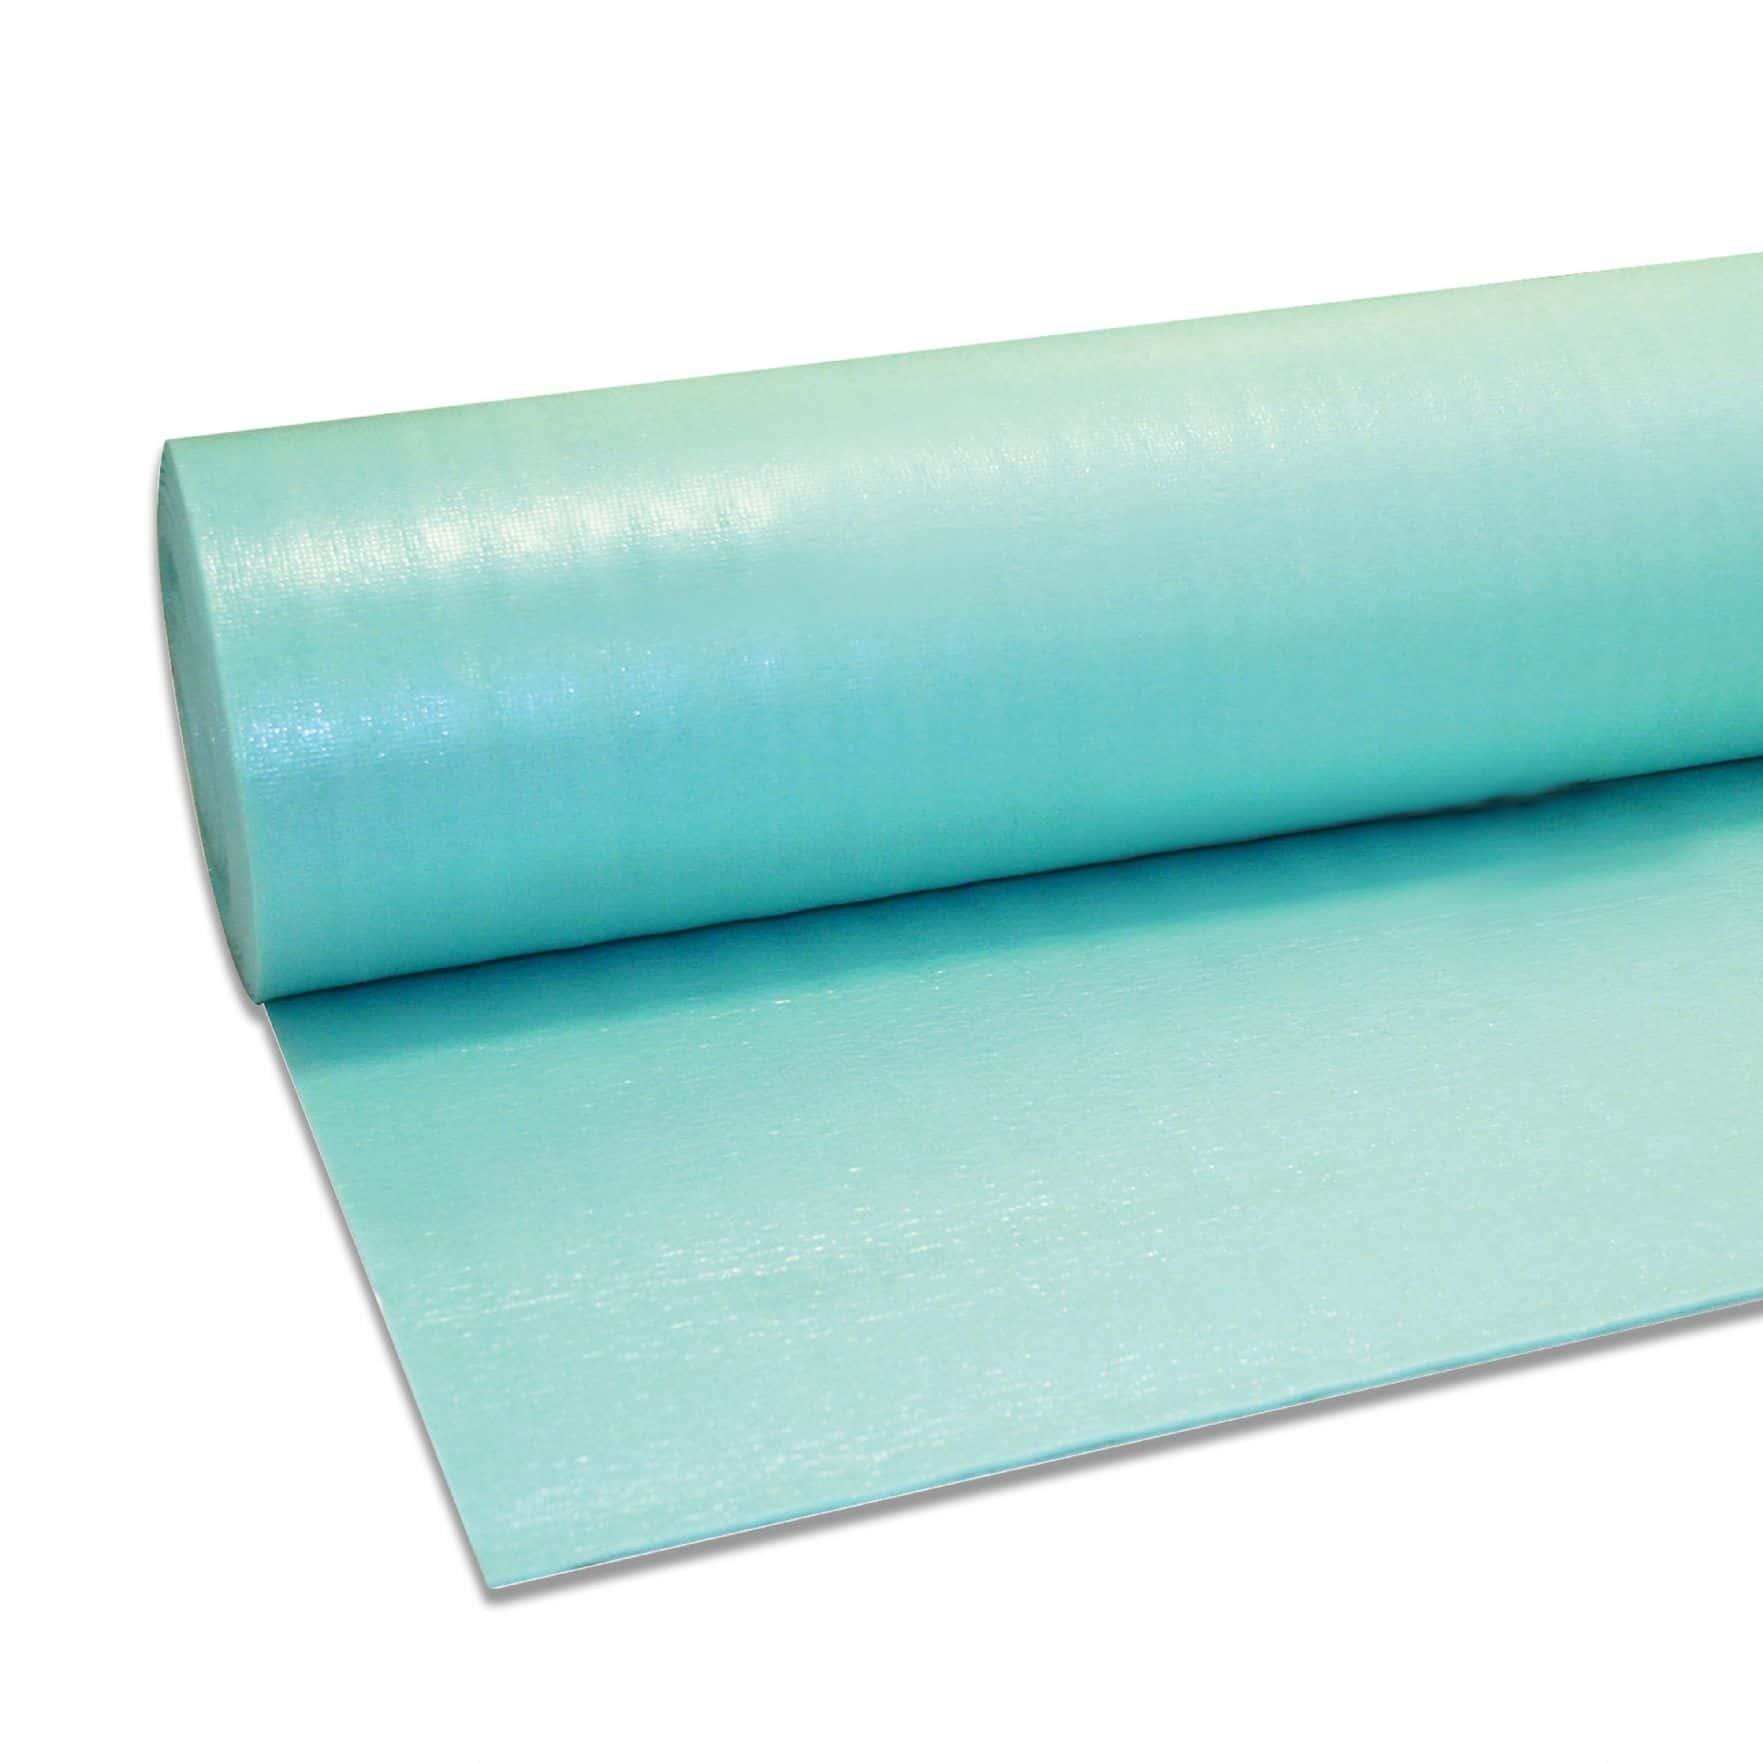 Underlay Basix Premium For Laminate, Premium Underlayment Laminate Flooring